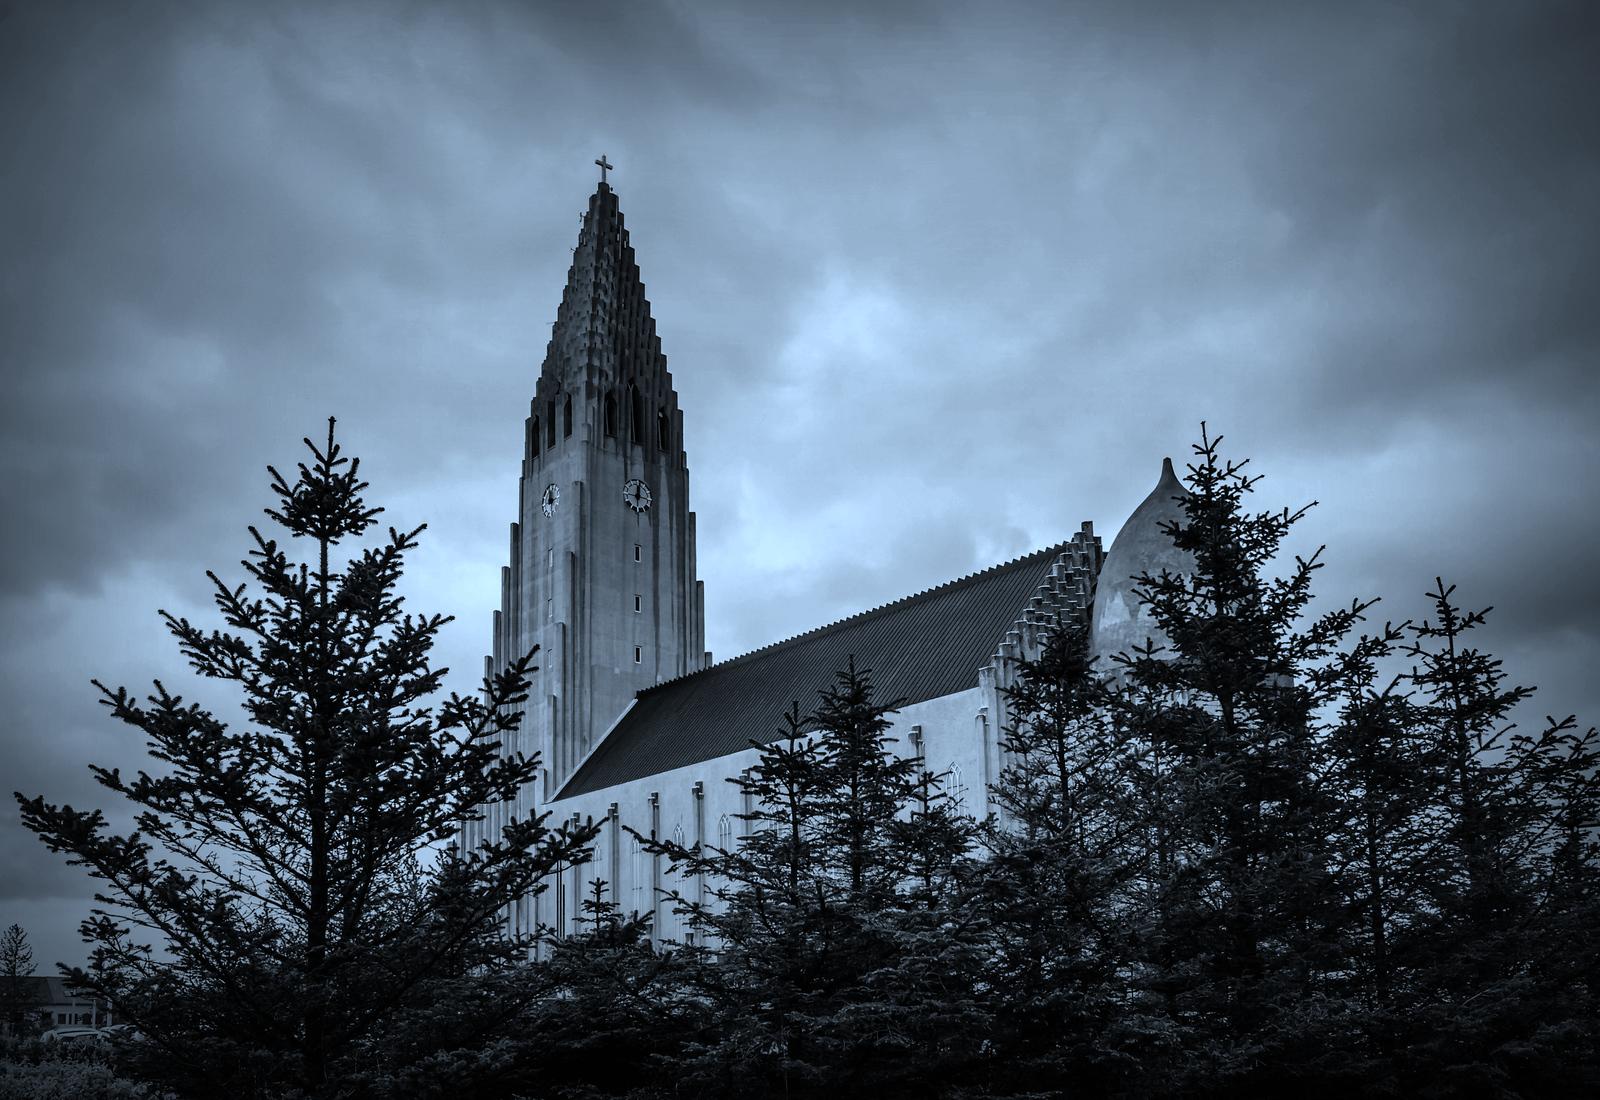 冰岛Hallgrimskirkja教堂,超奇特的建筑